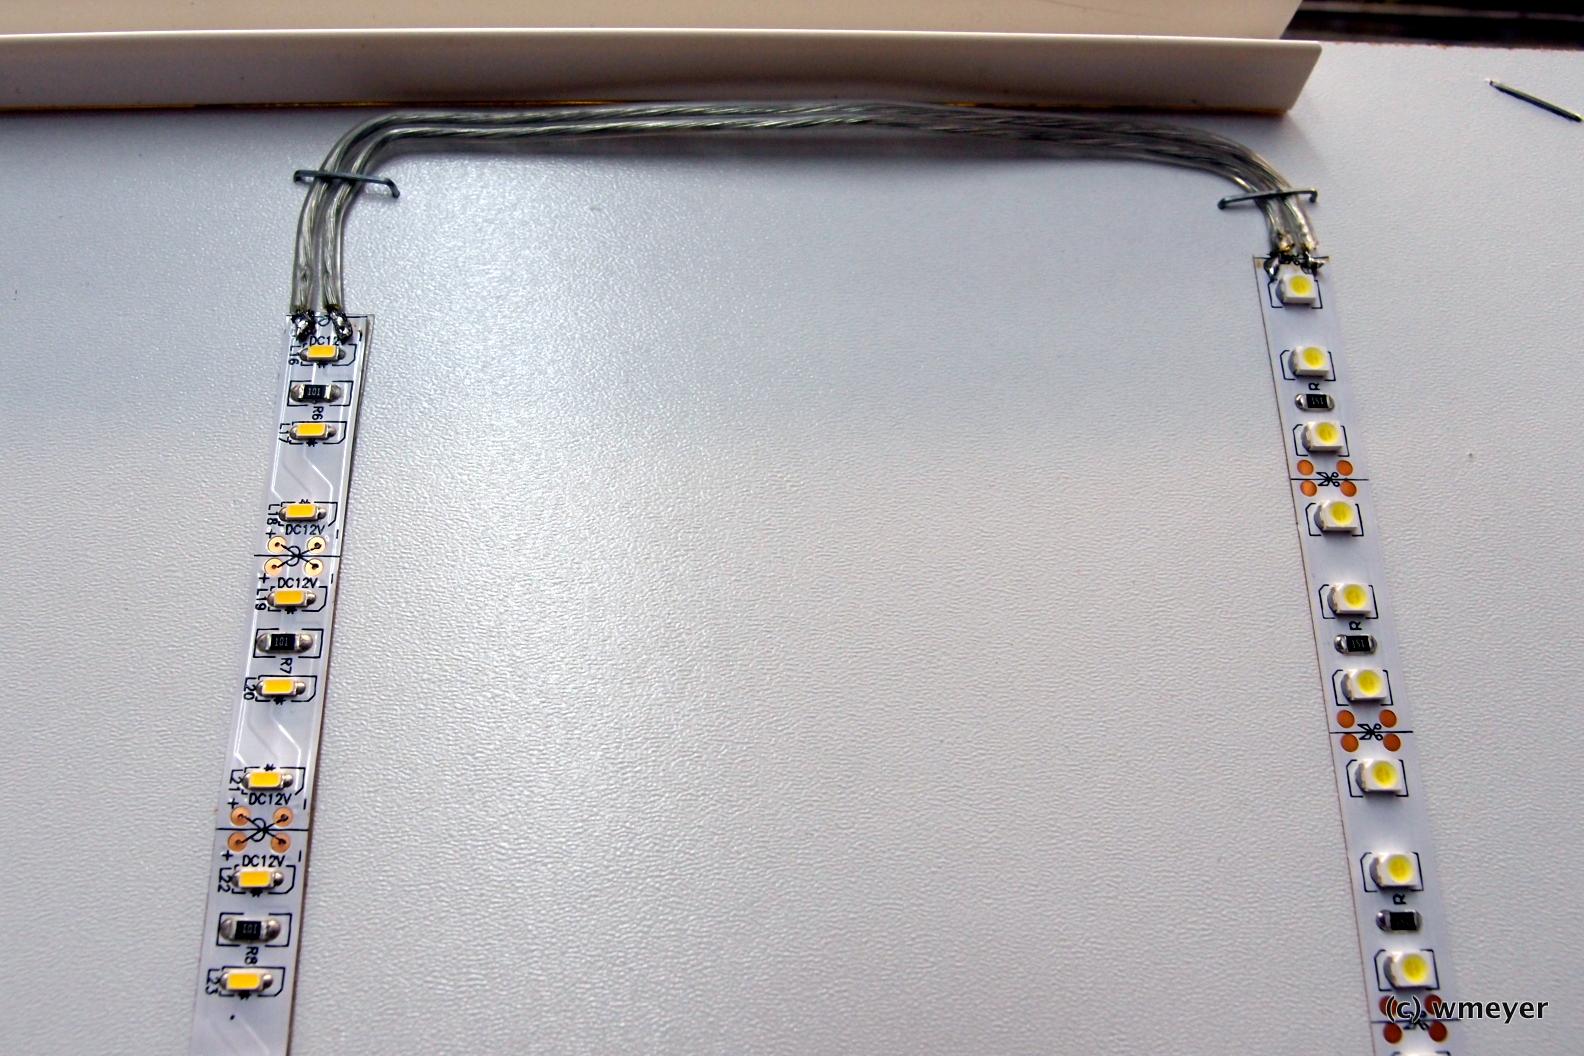 Lichtleisten durch altes Lautsprecherkabel verbunden und mit Tackerklammern befestigt